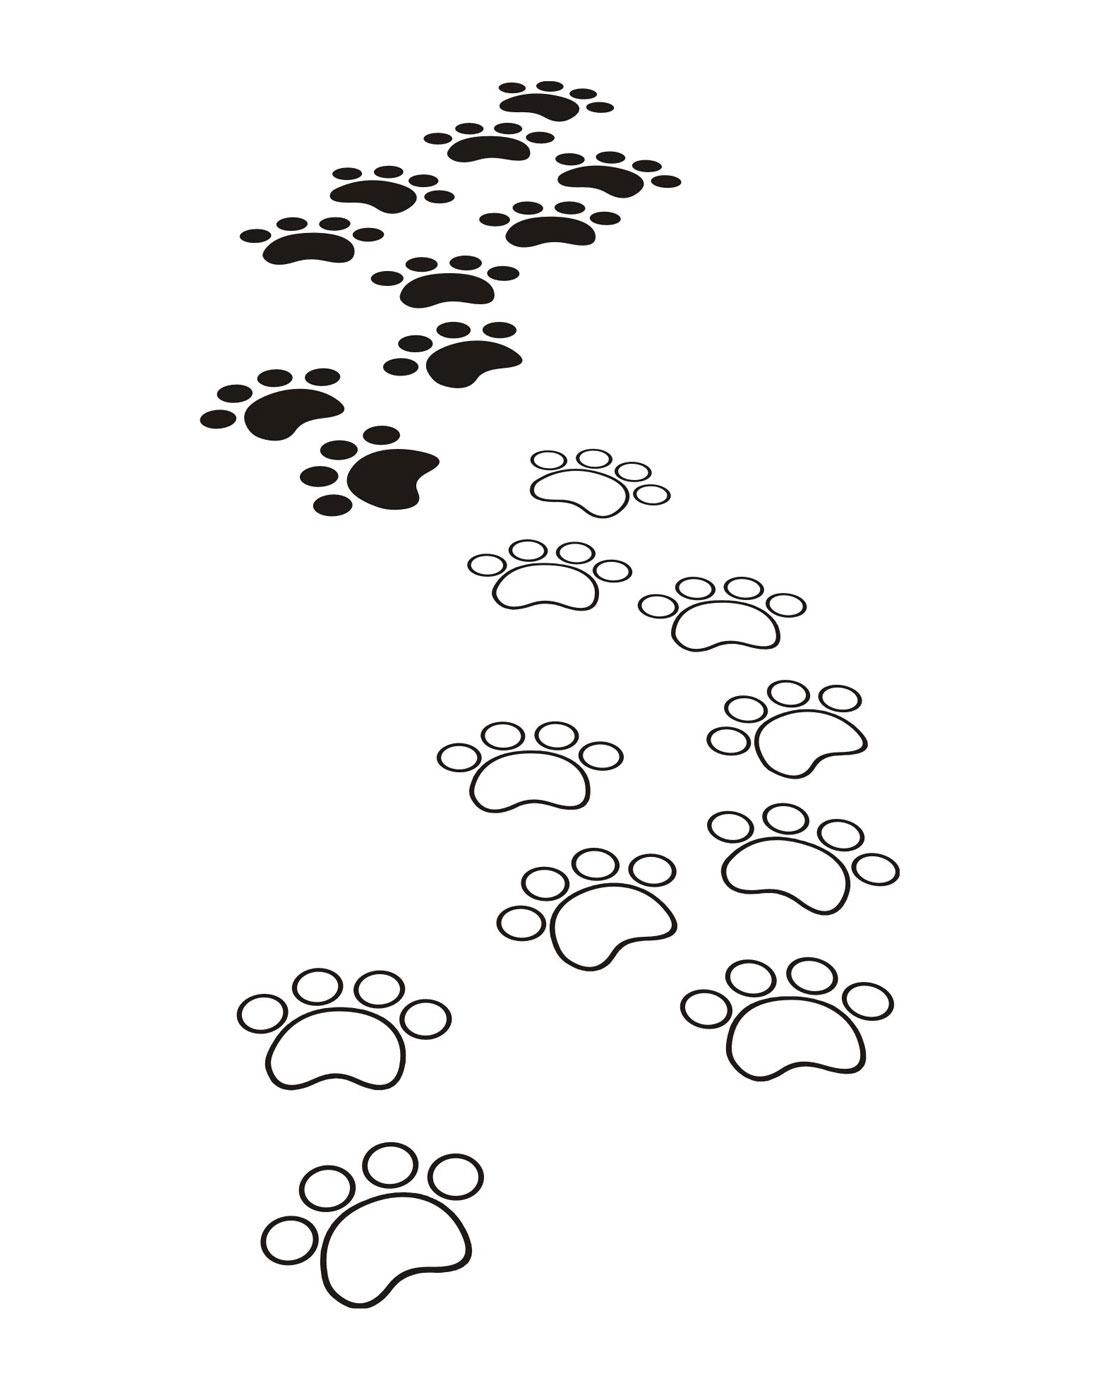 简笔画 设计 矢量 矢量图 手绘 素材 线稿 1100_1390 竖版 竖屏